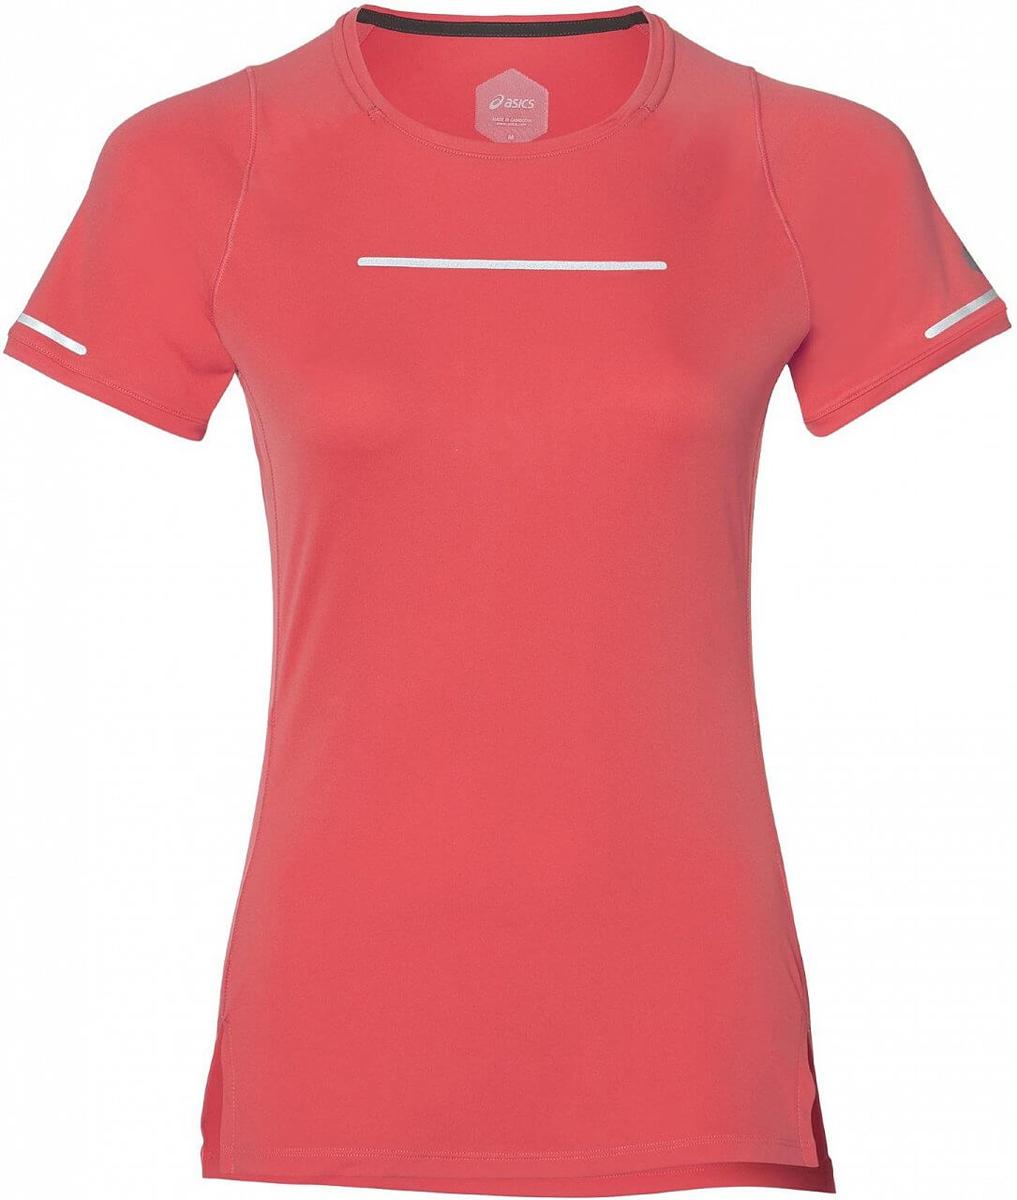 Футболка для бега женская Asics Lite-Show Ss Top, цвет: коралловый. 154528-0698. Размер S (44) футболка lin show 367